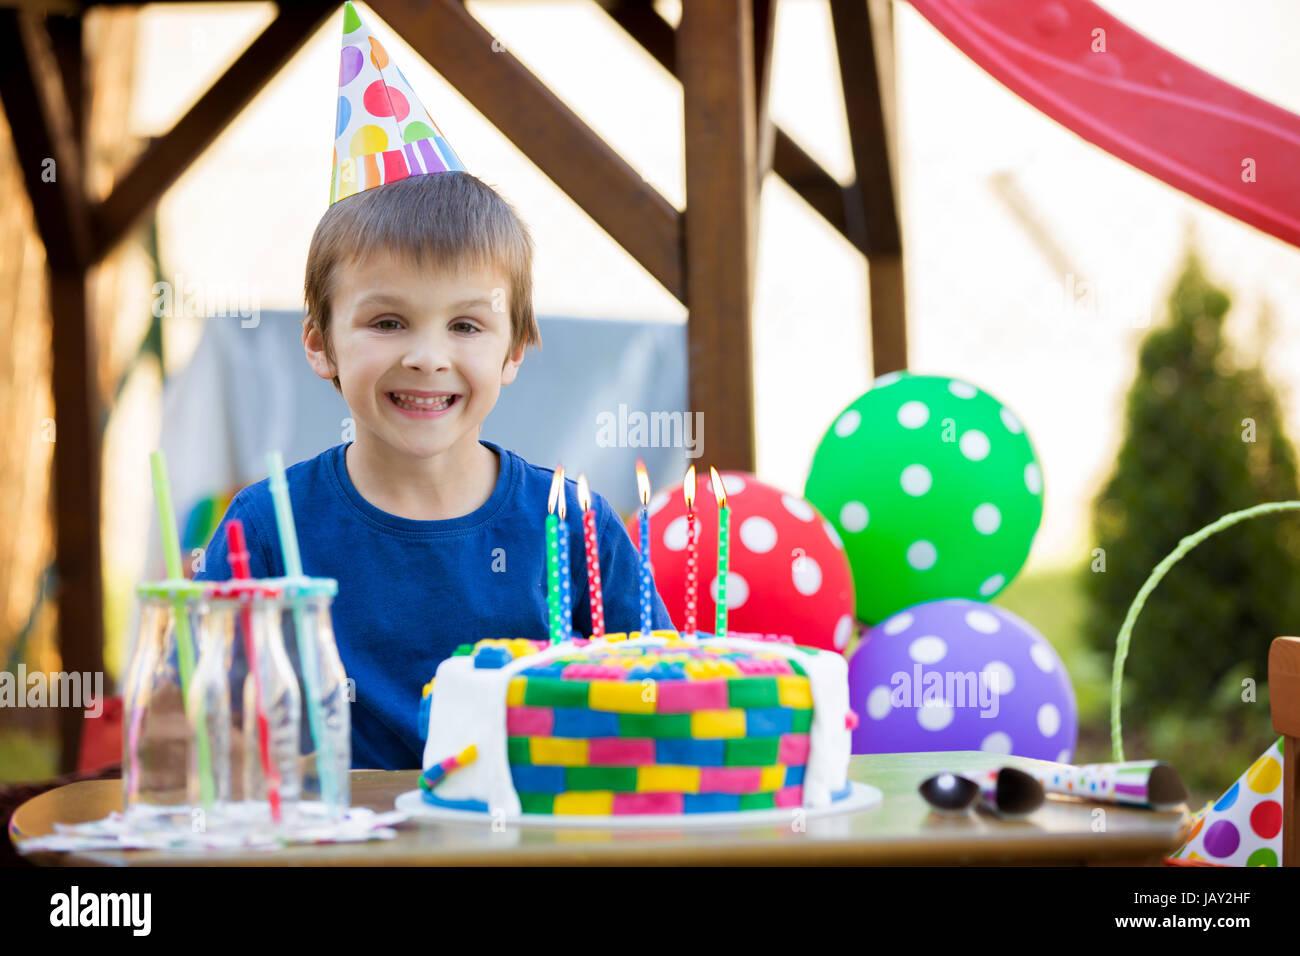 Dulce niña, niño, que celebra su sexto cumpleaños, pastel, globos, velas, las cookies. Concepto de felicidad infantil Foto de stock